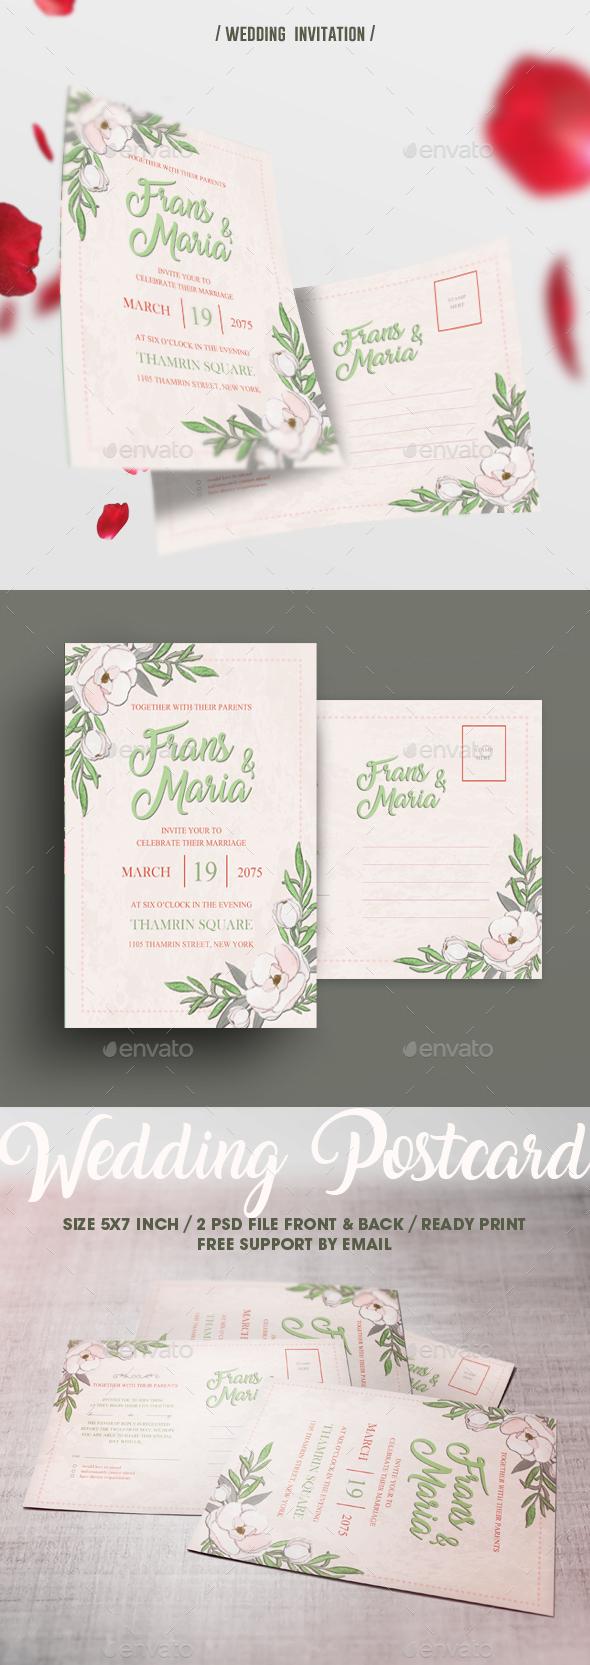 Simple Wedding Invitation